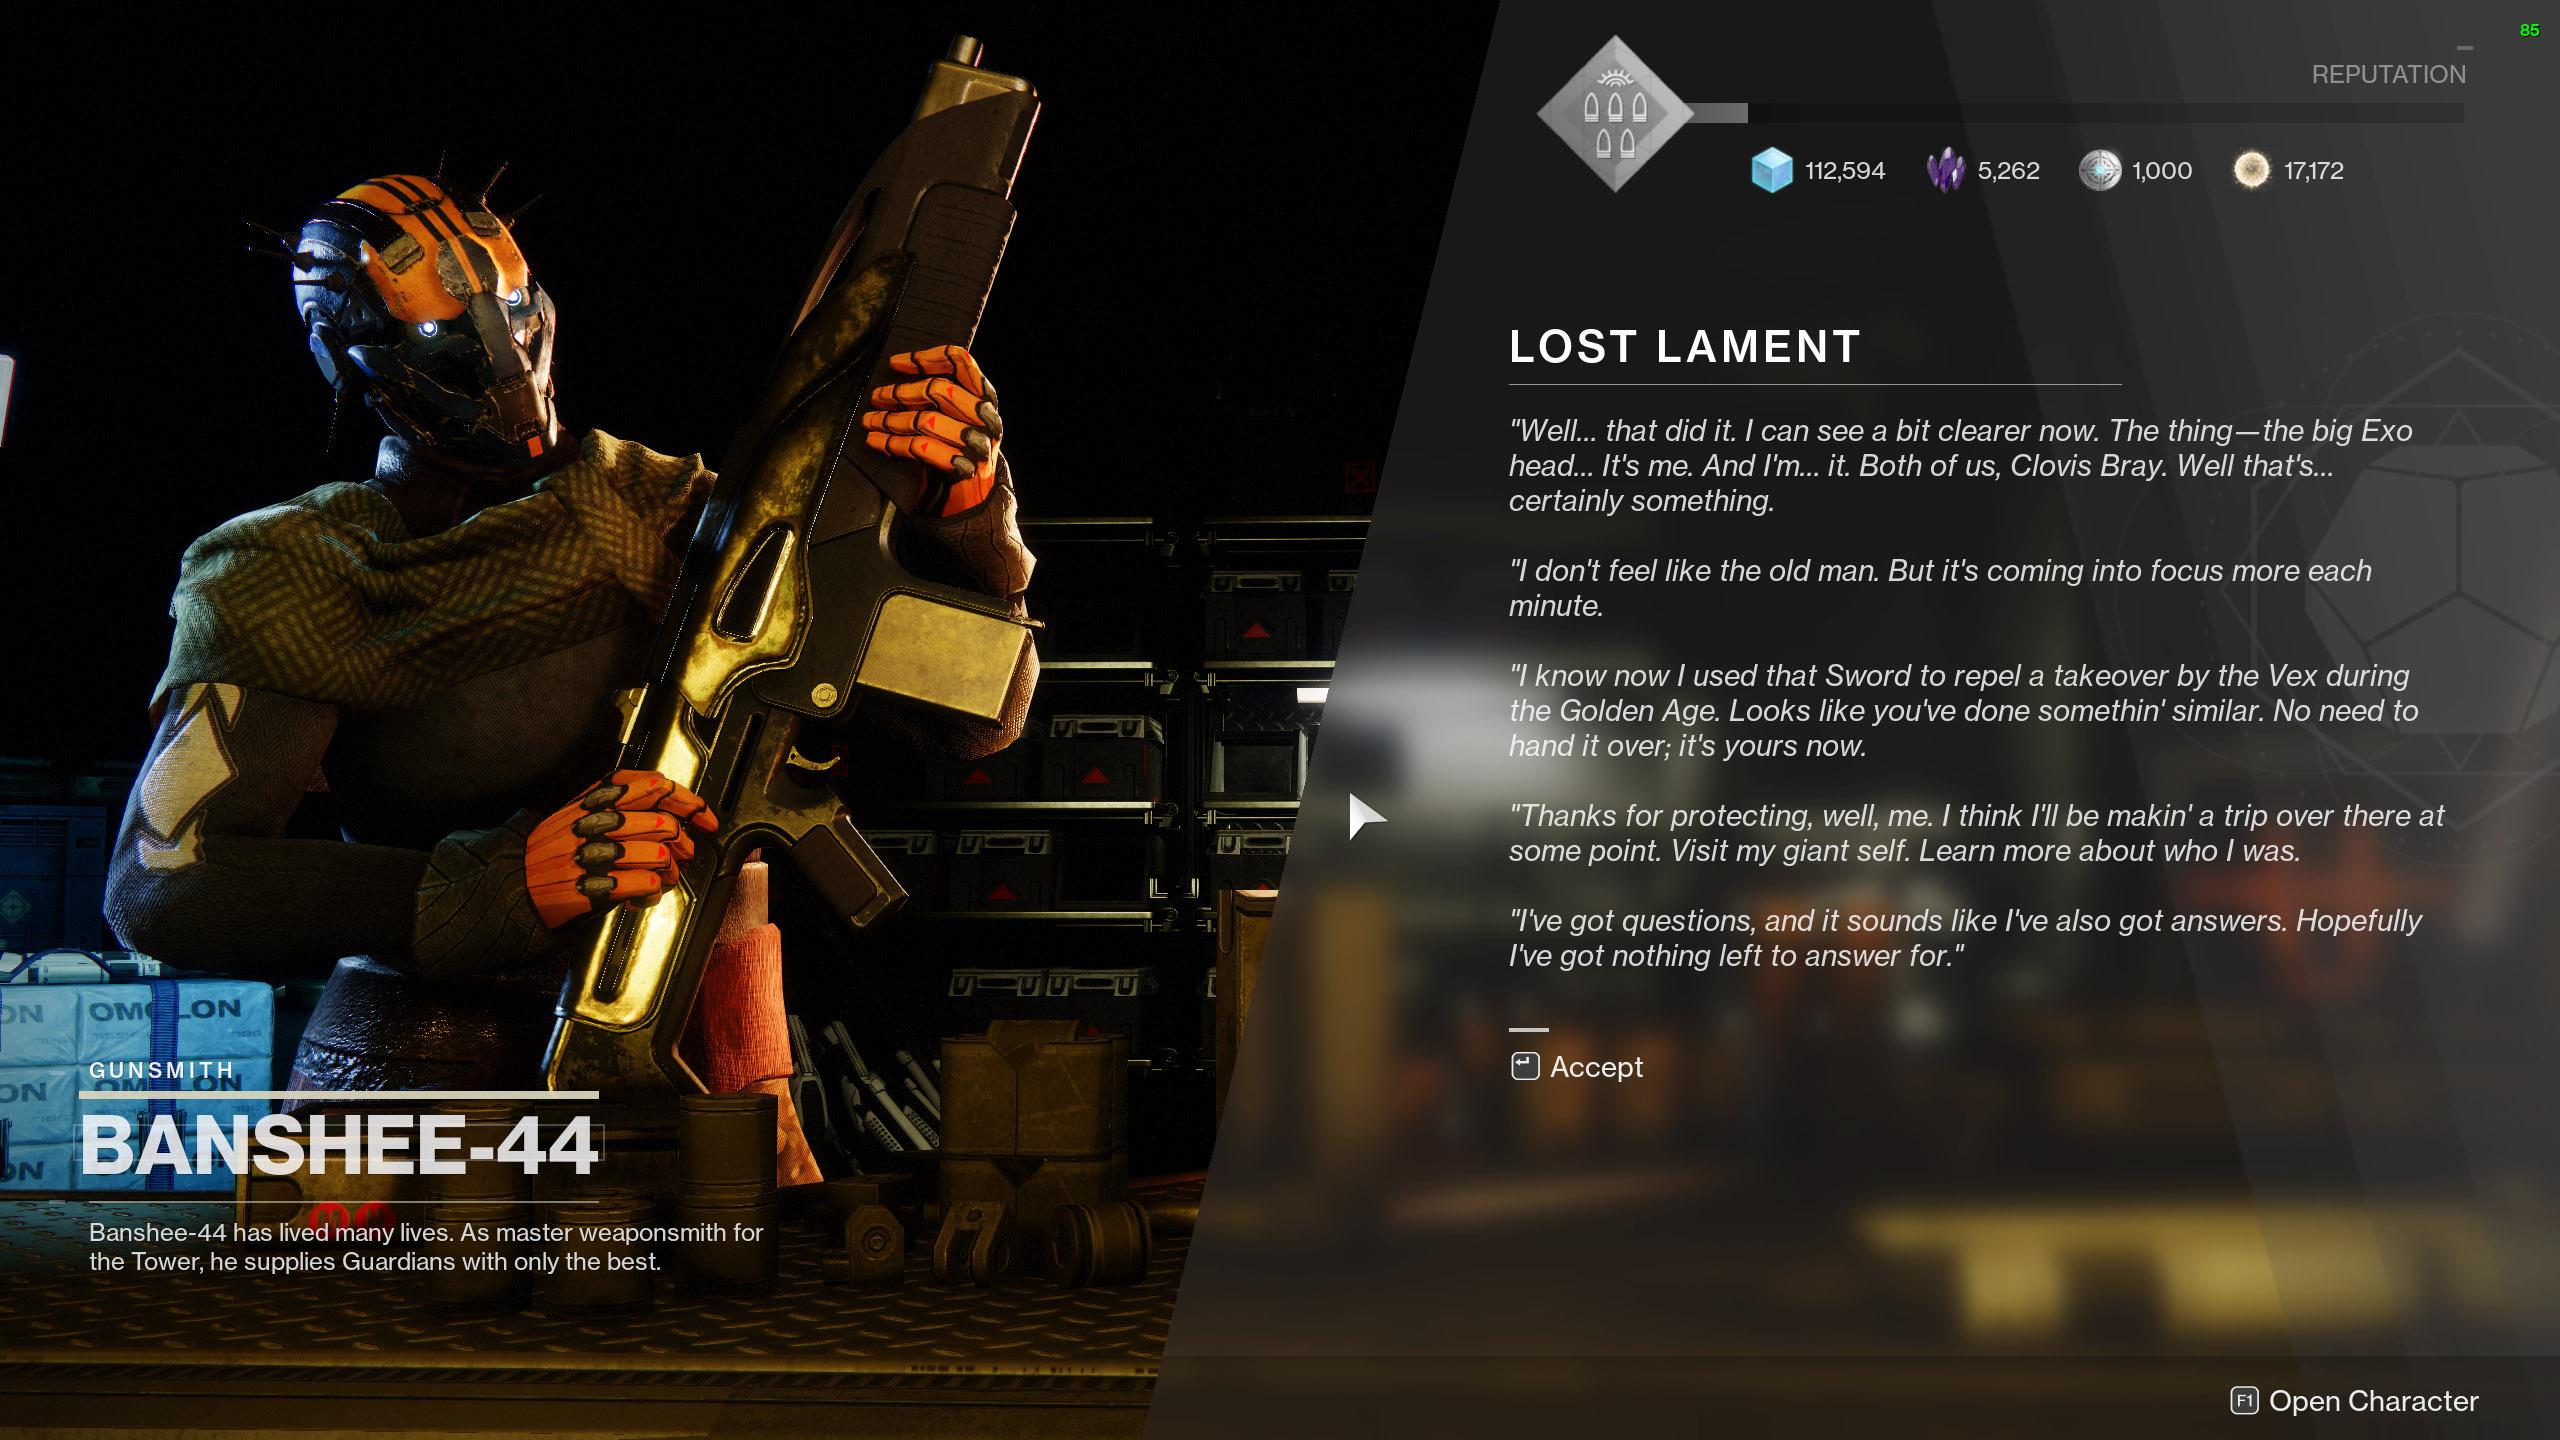 destiny 2 lost lament banshee